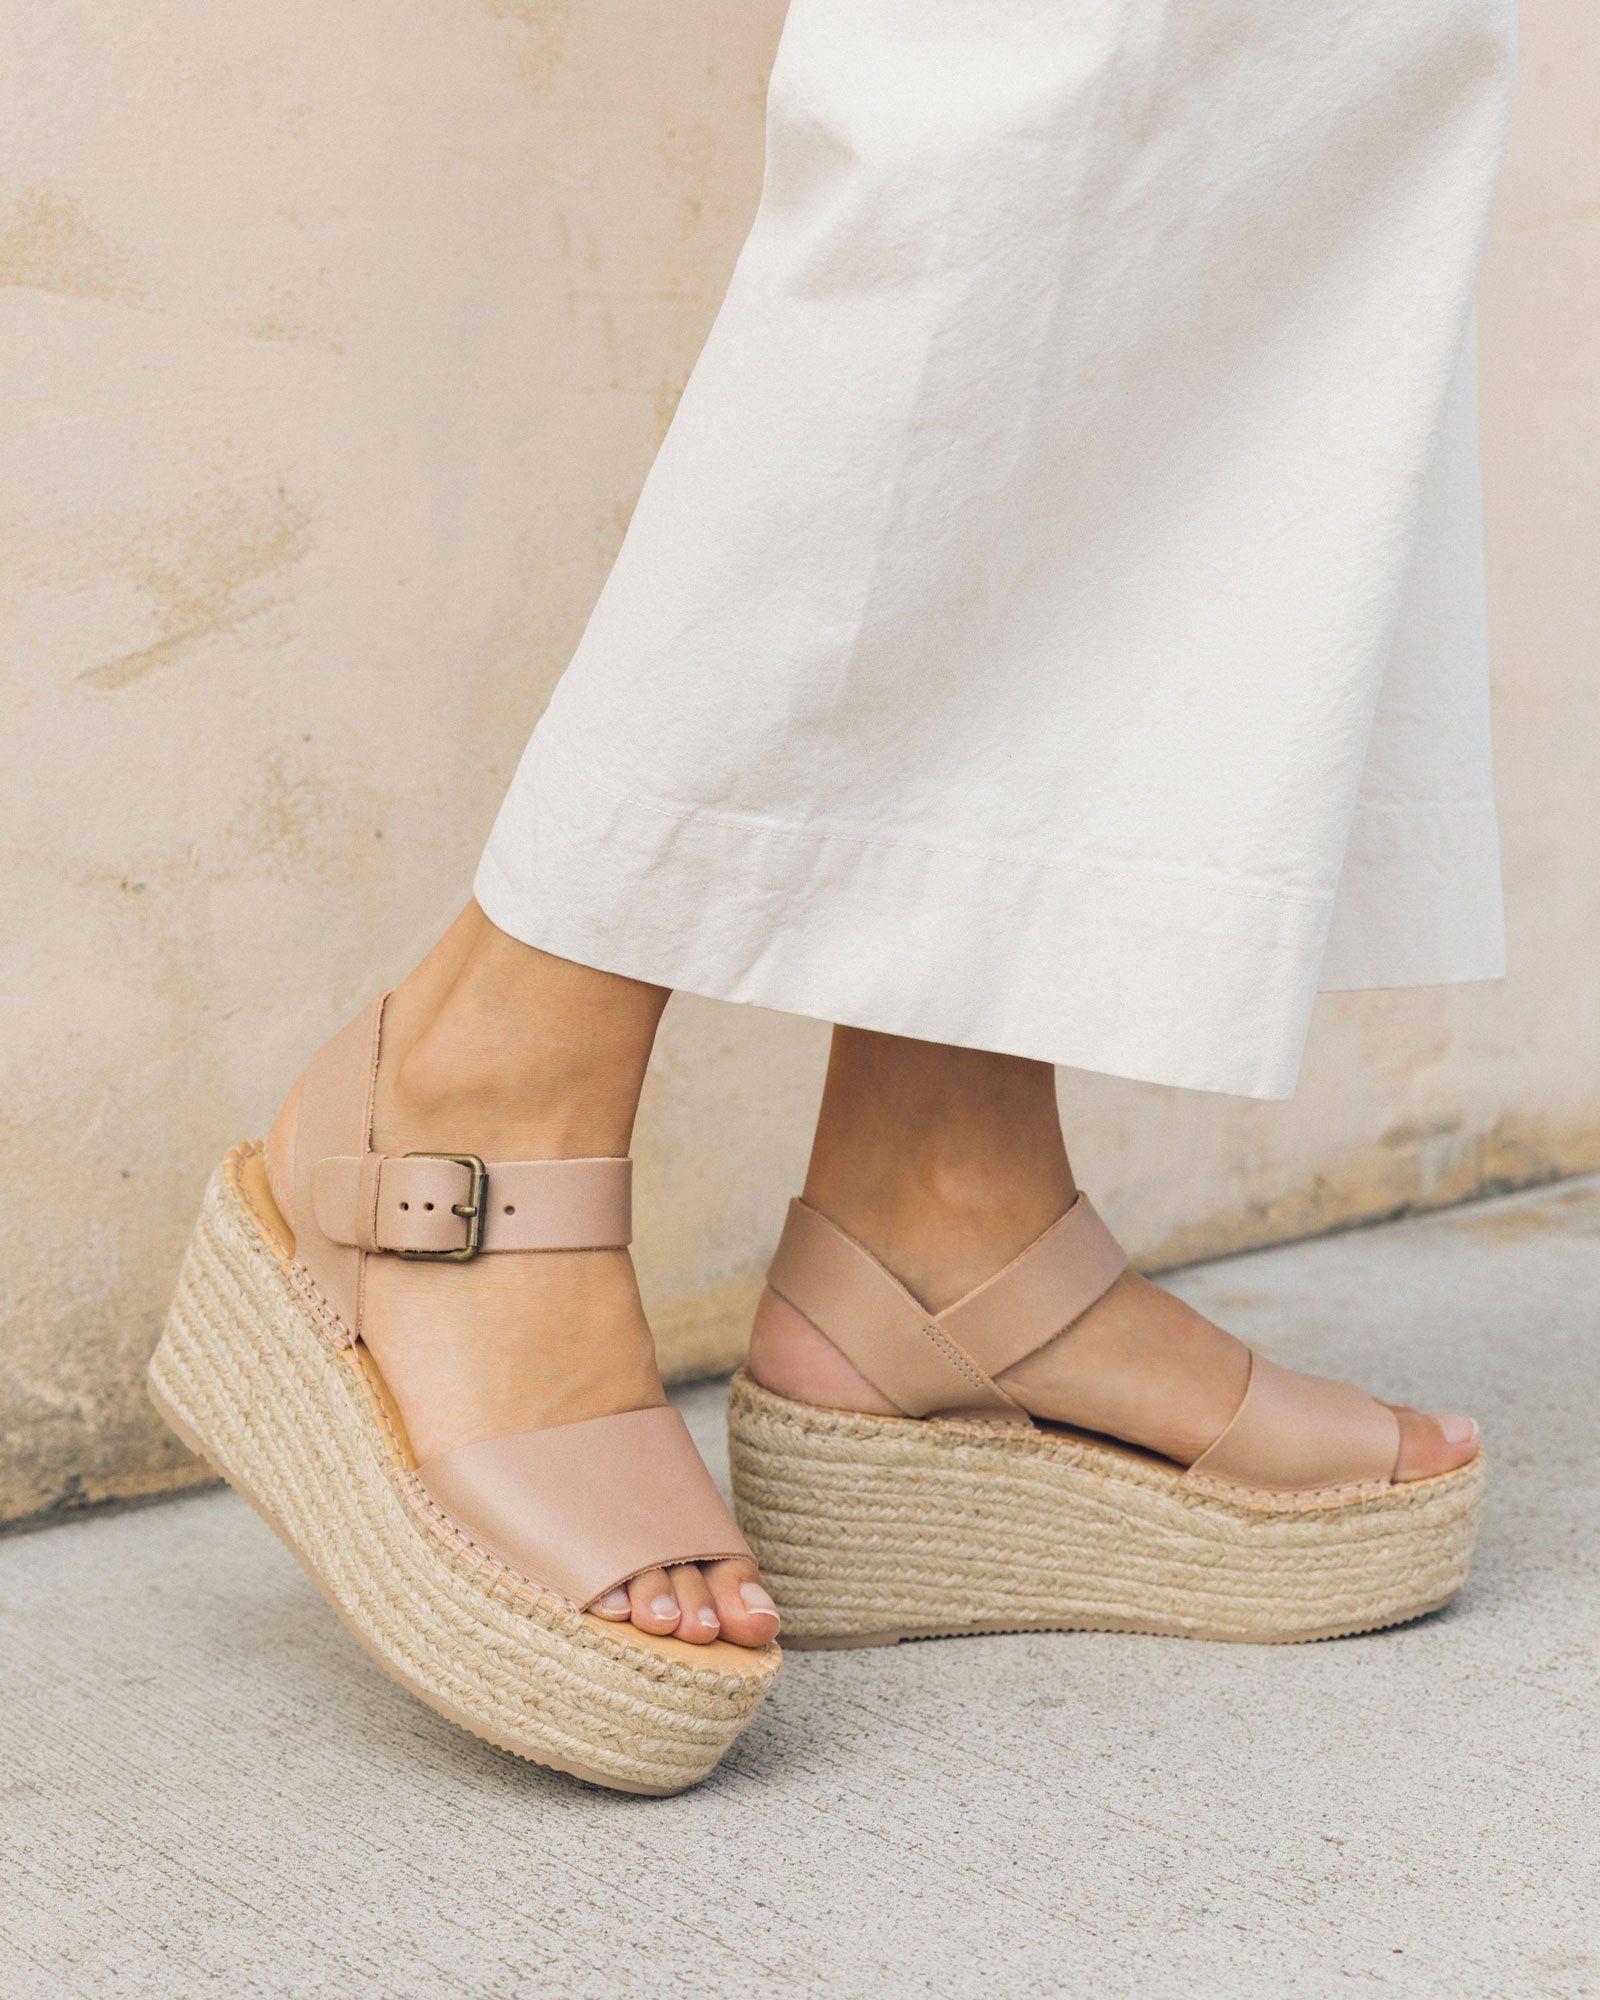 Soludos shoes, Platform wedge sandals